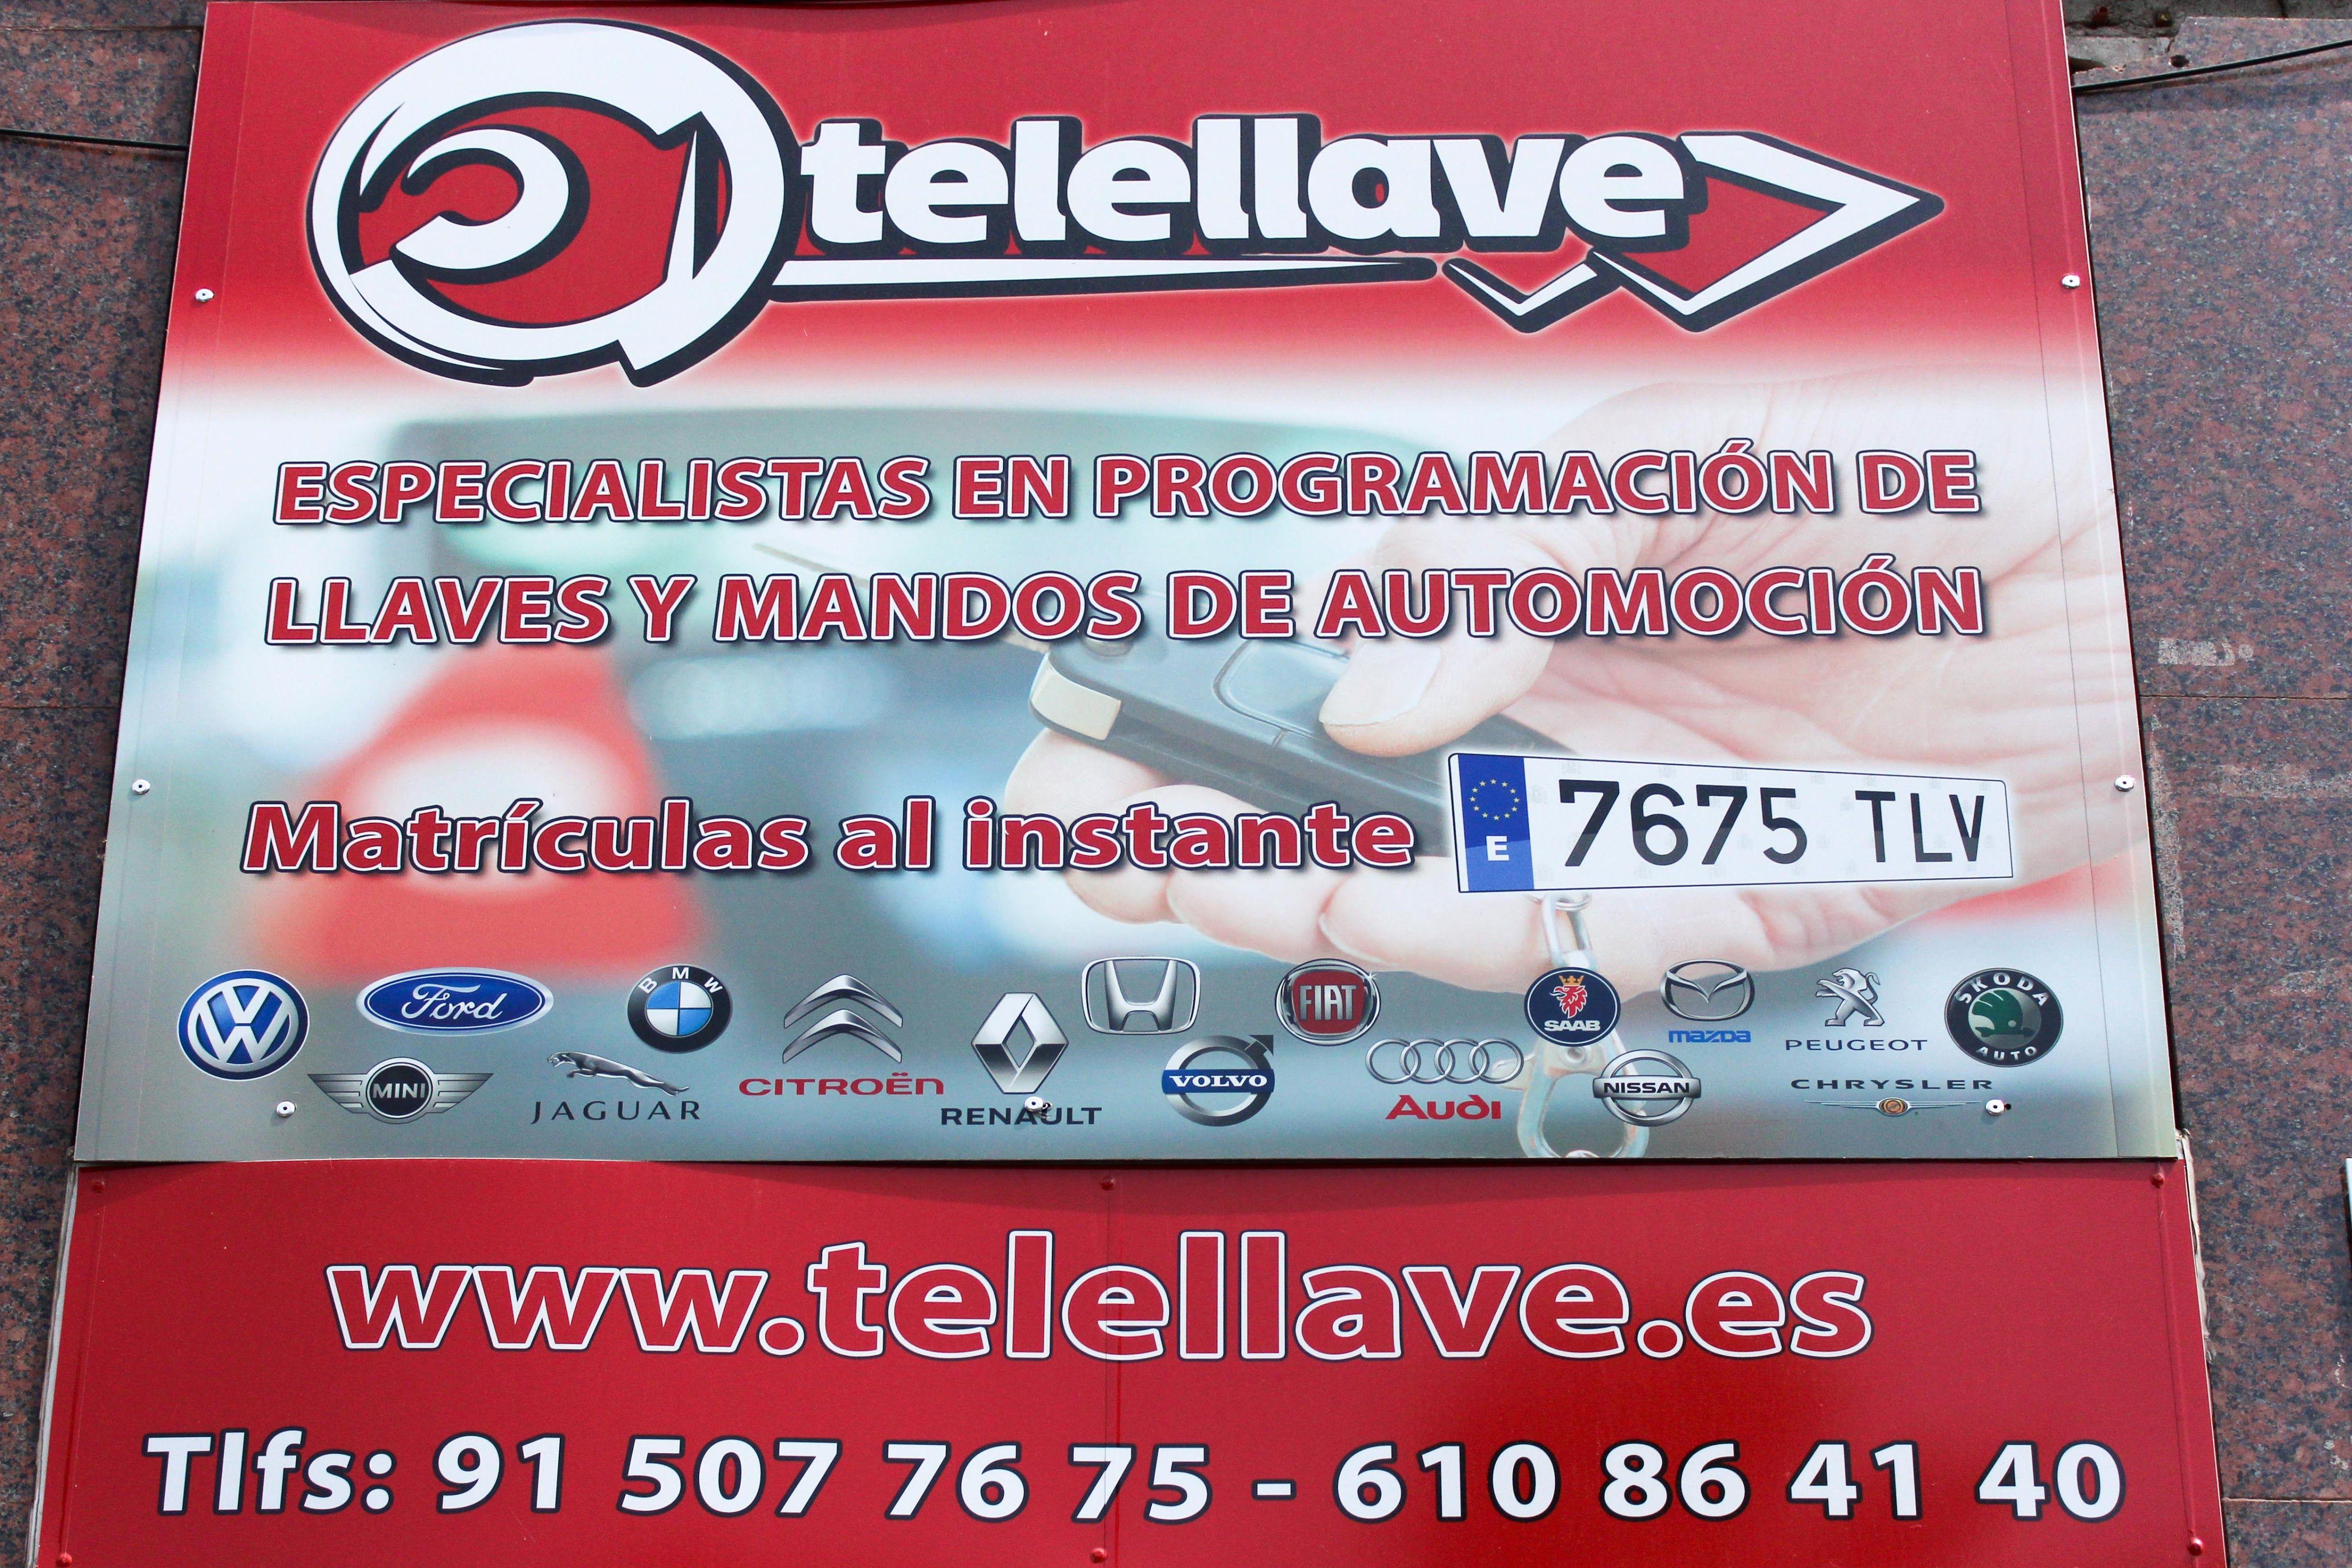 Foto 1 de Cerrajería del automóvil en Madrid | Telellave